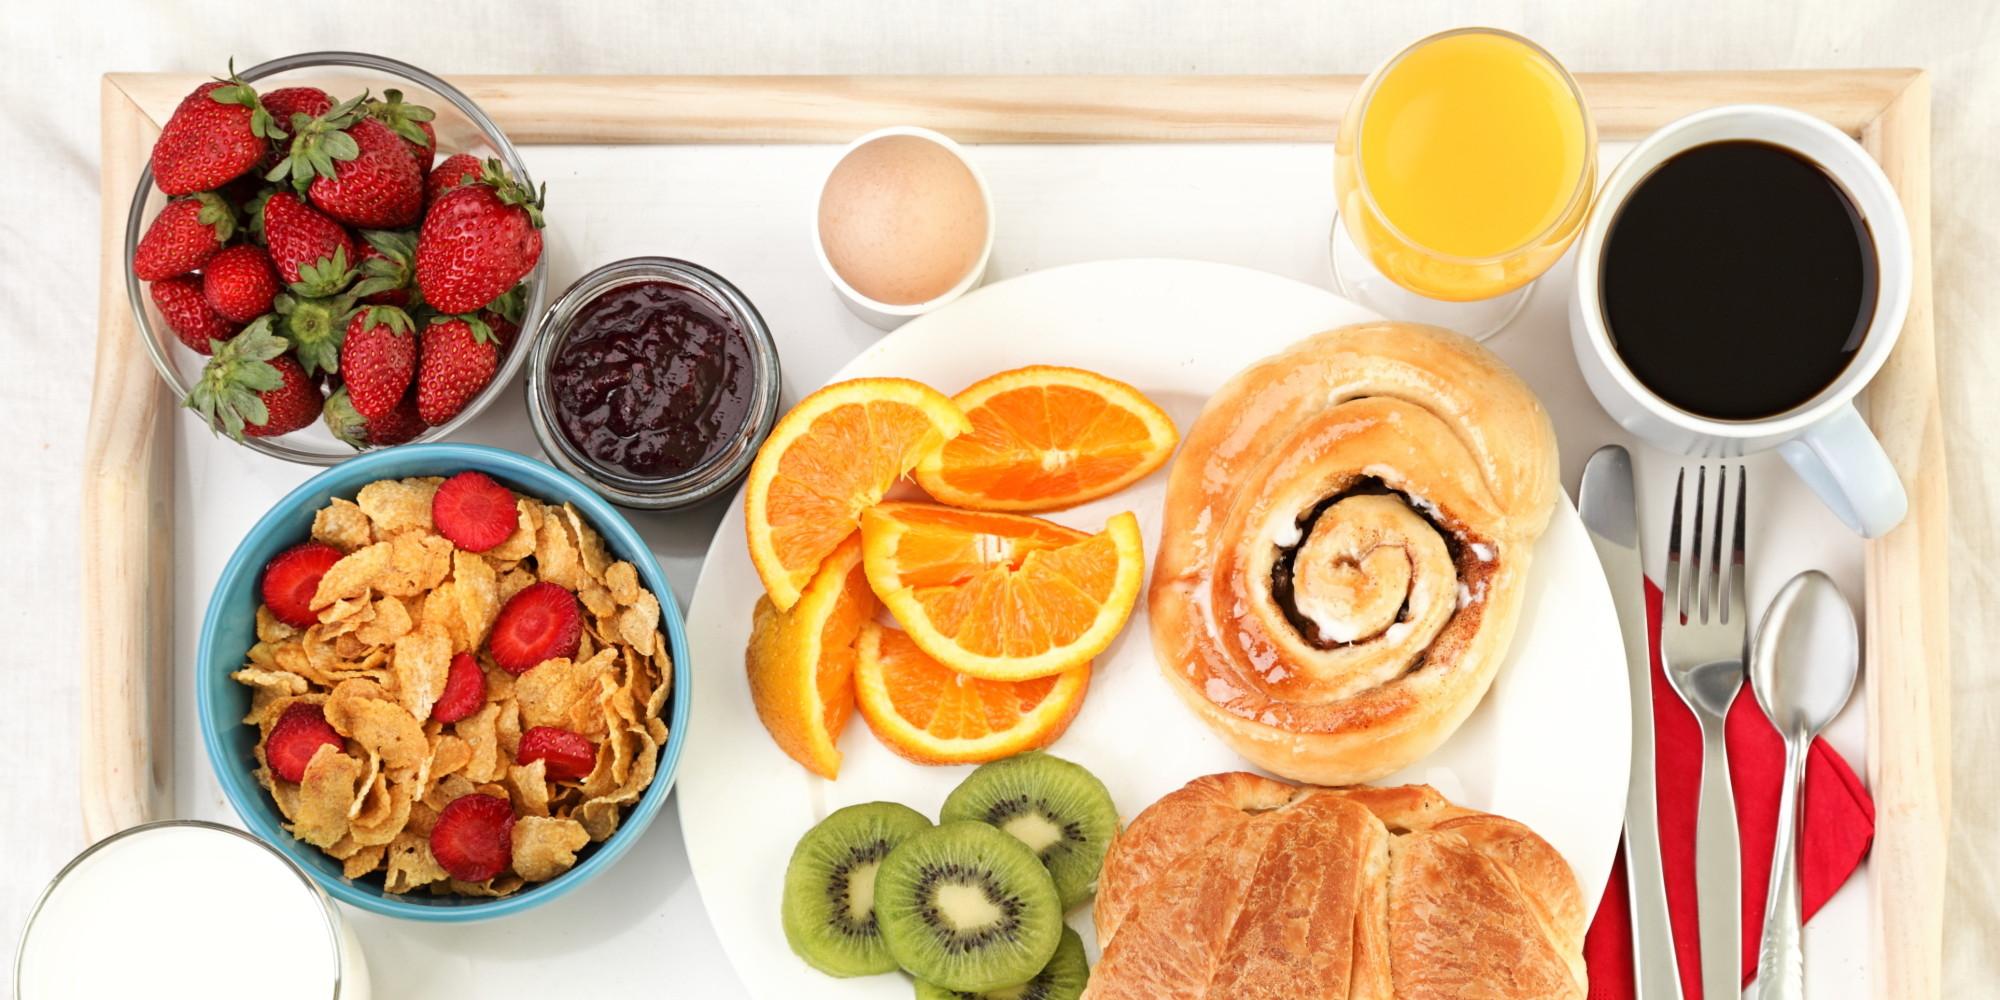 Завтраки и перекусы не помогают похудеть. можно ли похудеть, отказавшись от завтрака